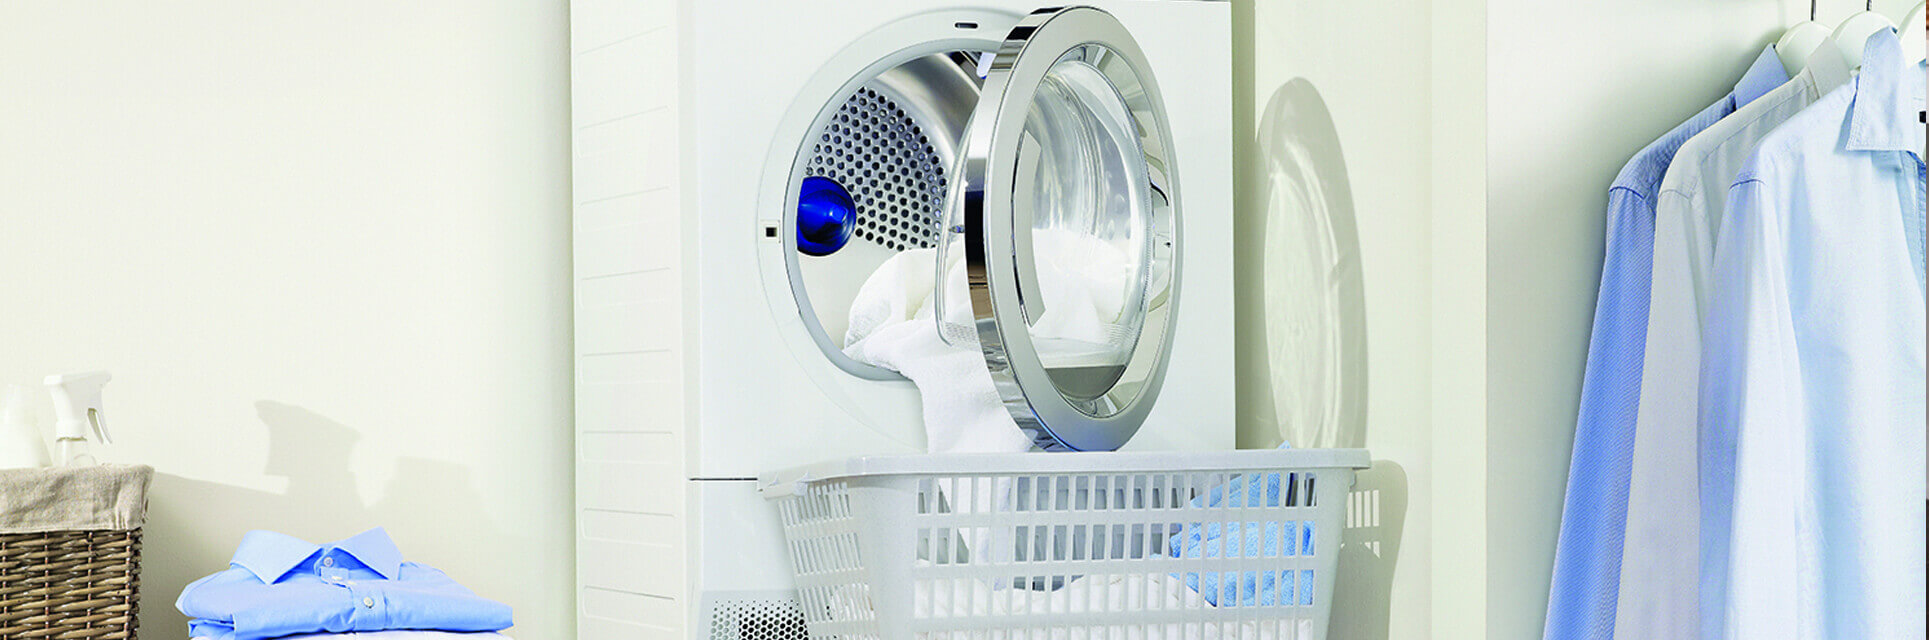 Servicio técnico secadoras aeg